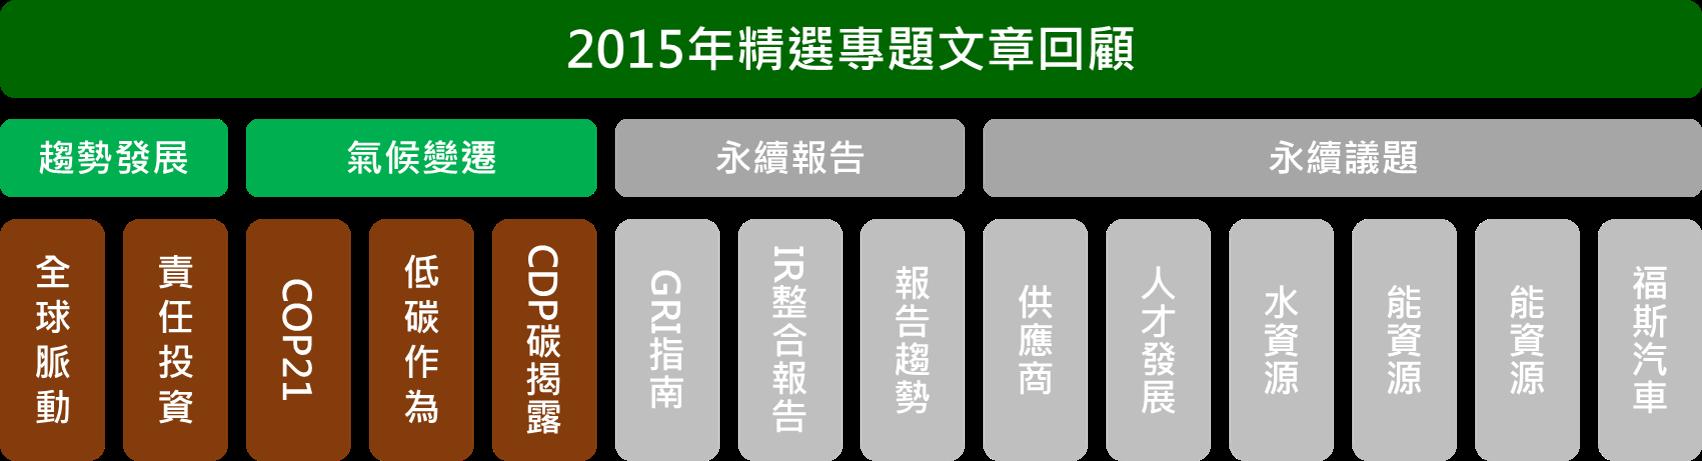 2015年精選專題回顧  - 文章架構 - CSRone